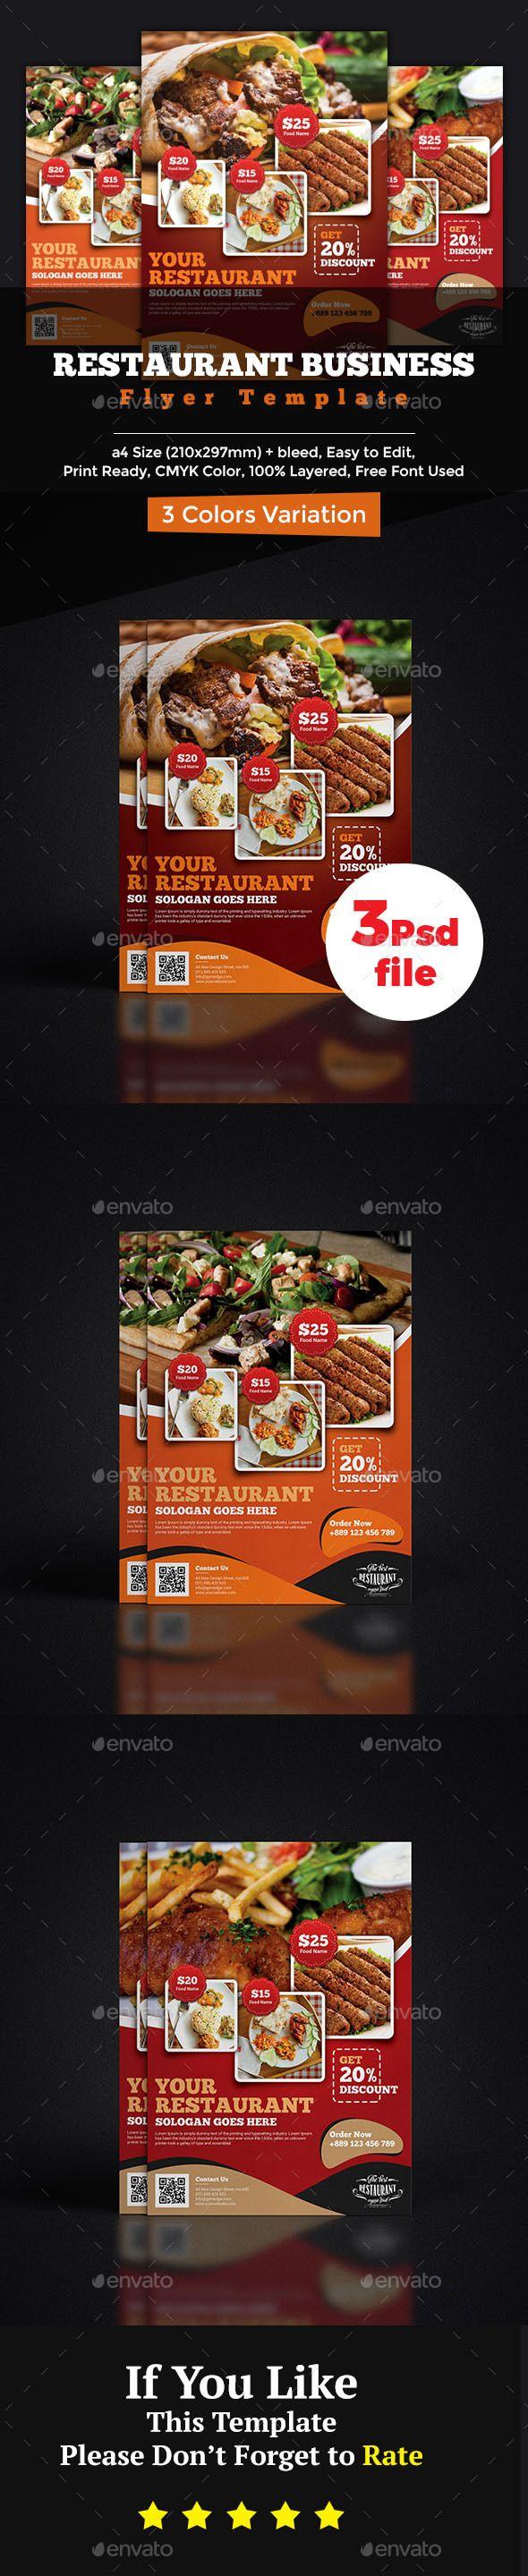 Restaurant Flyer Templates Heartpulsar